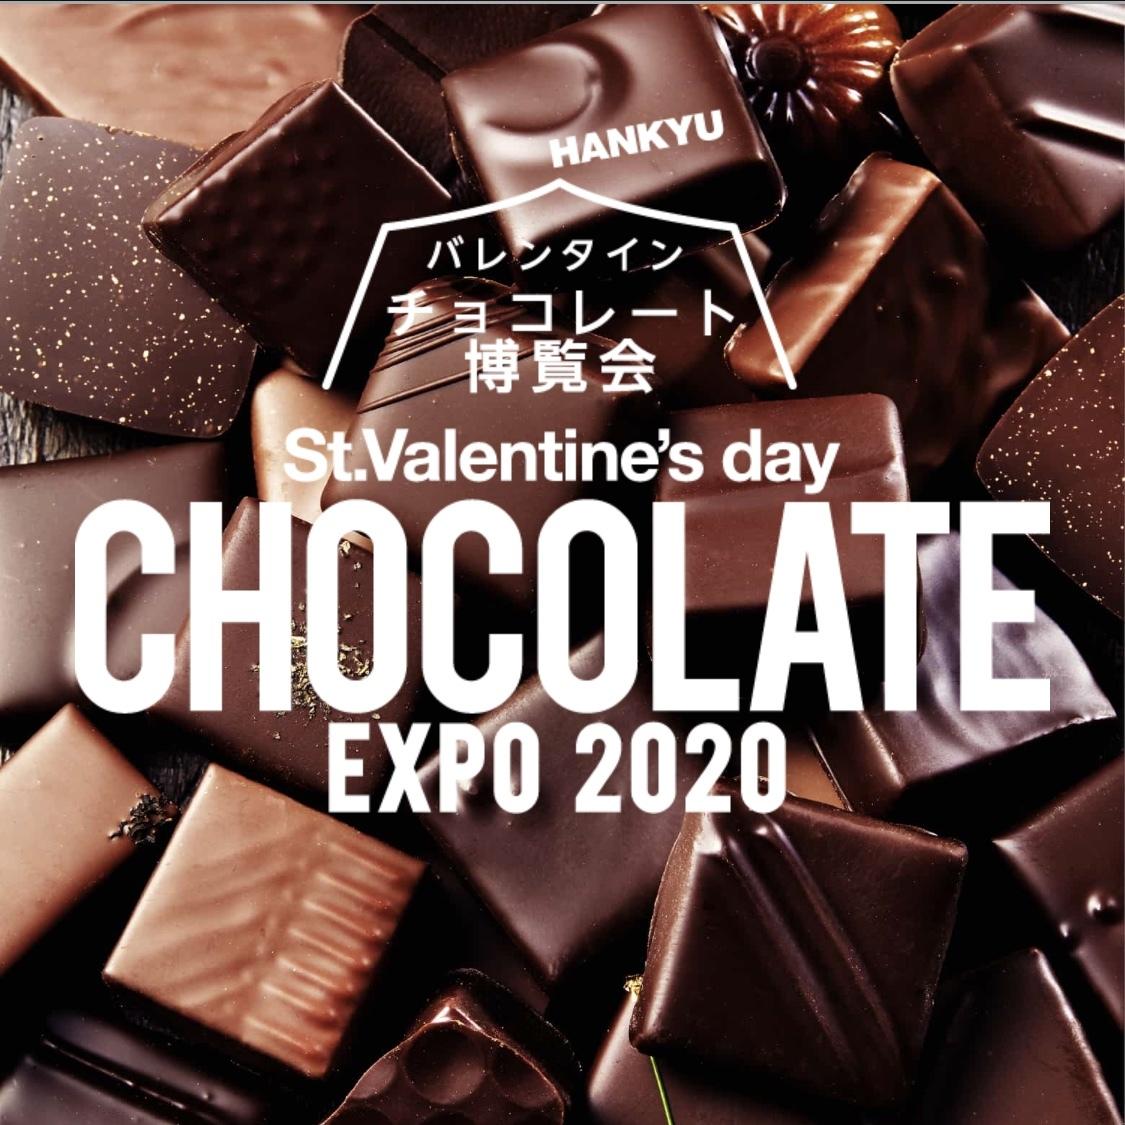 【これぞ本気のバレンタイン】女の子必見!チョコレートの宝庫大調査!_1_1